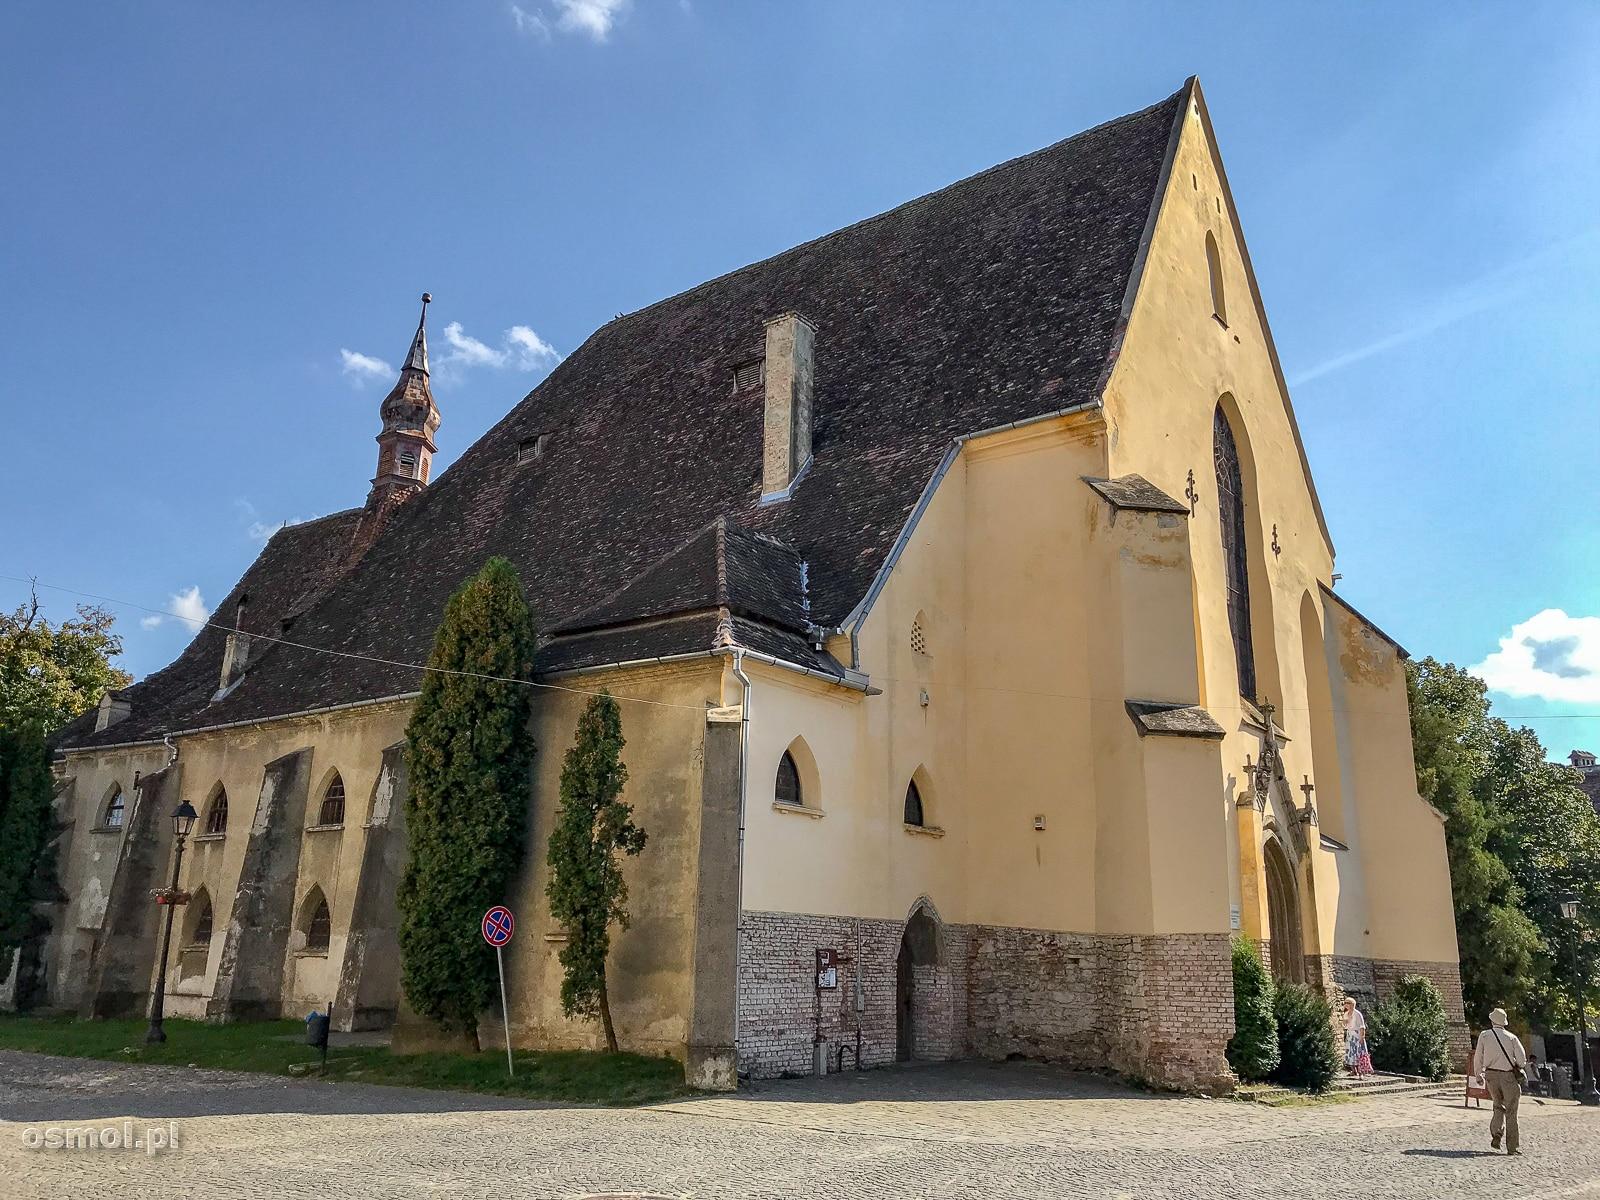 Kościół klasztorny w Sighișoarze